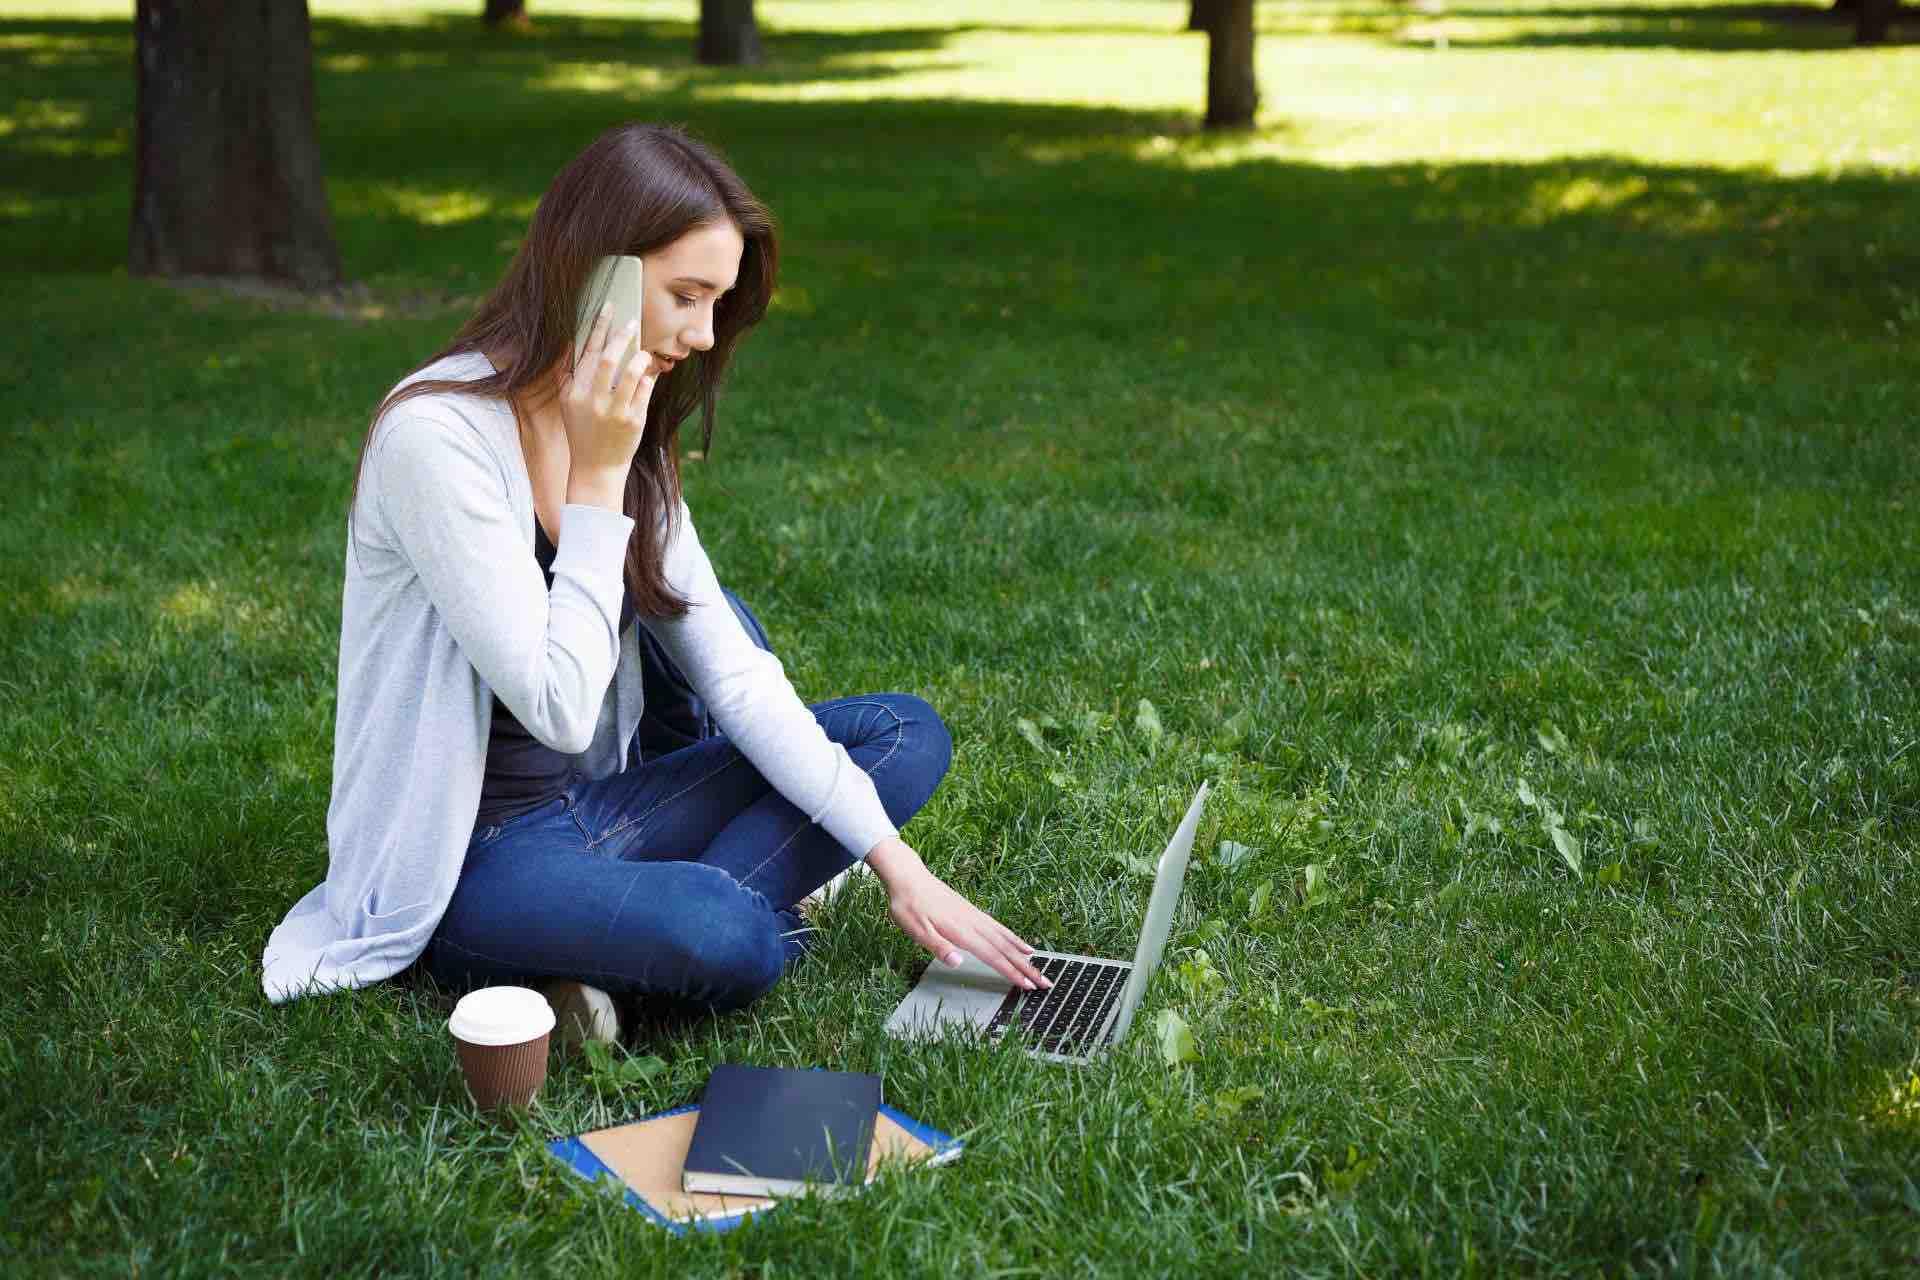 Frau_im_Park_auf_Rasen_sitzend_mit_Smarthphone_und_Notebook